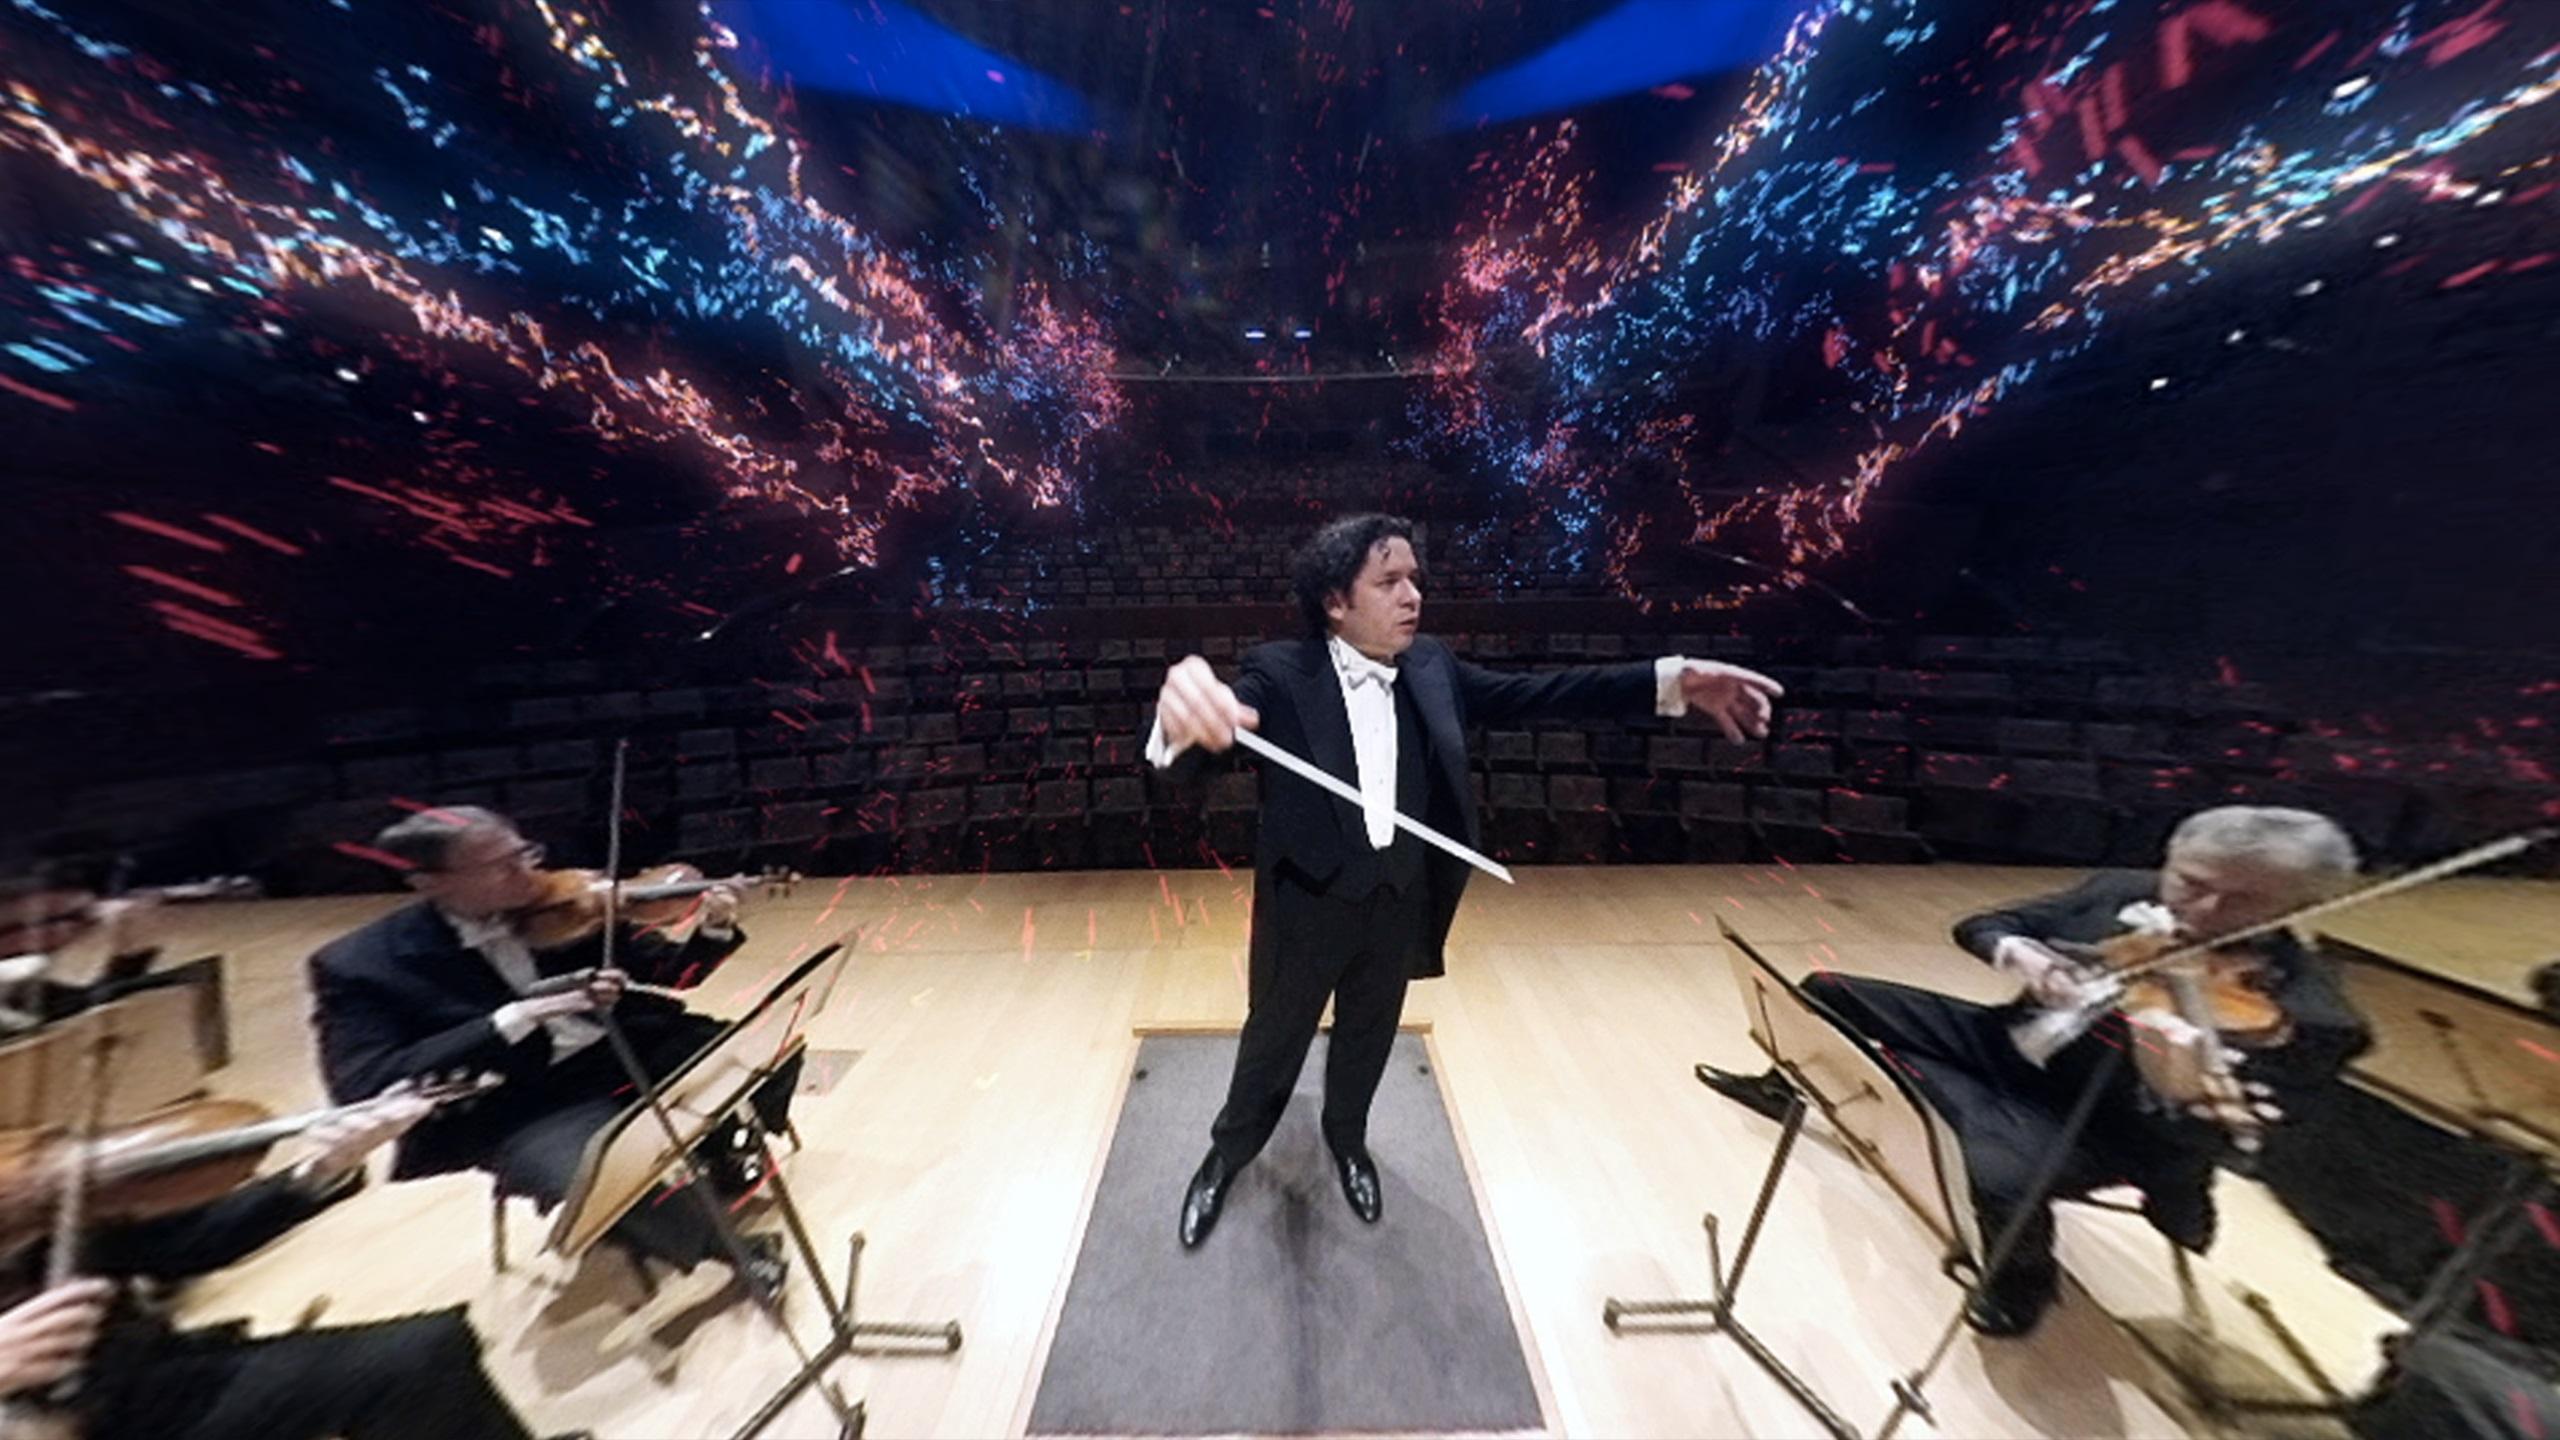 VAN Beethoven ofrece un concierto en realidad virtual en un camión, con Gustavo Dudamel dirigiendo a la Filarmónica de LA.